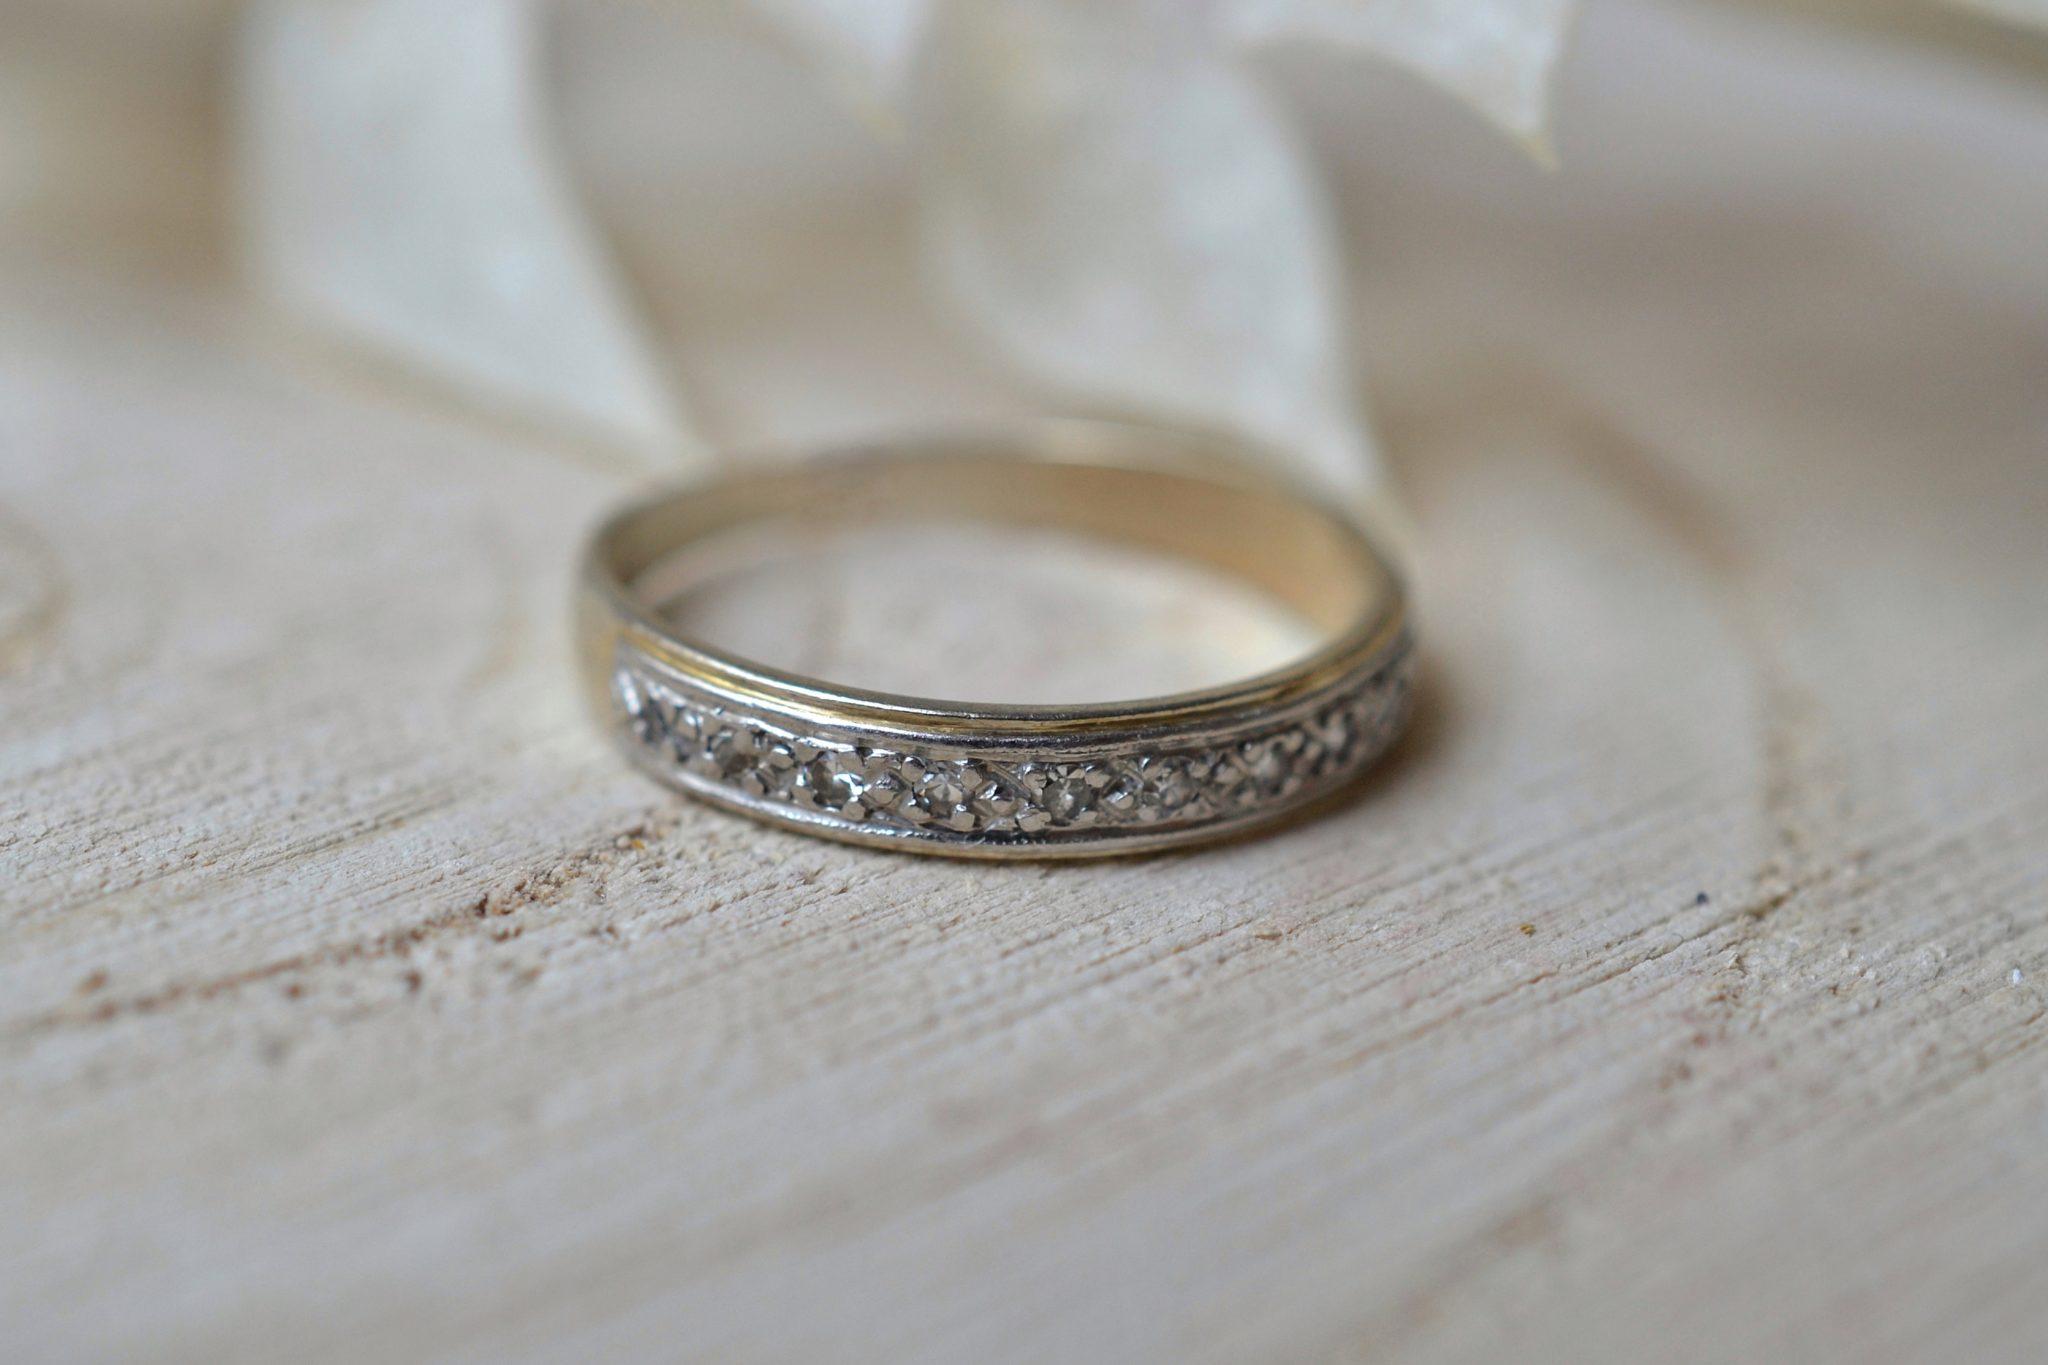 Anneau en platine et Or blanc orné de diamants 8-8 - bague ancienne